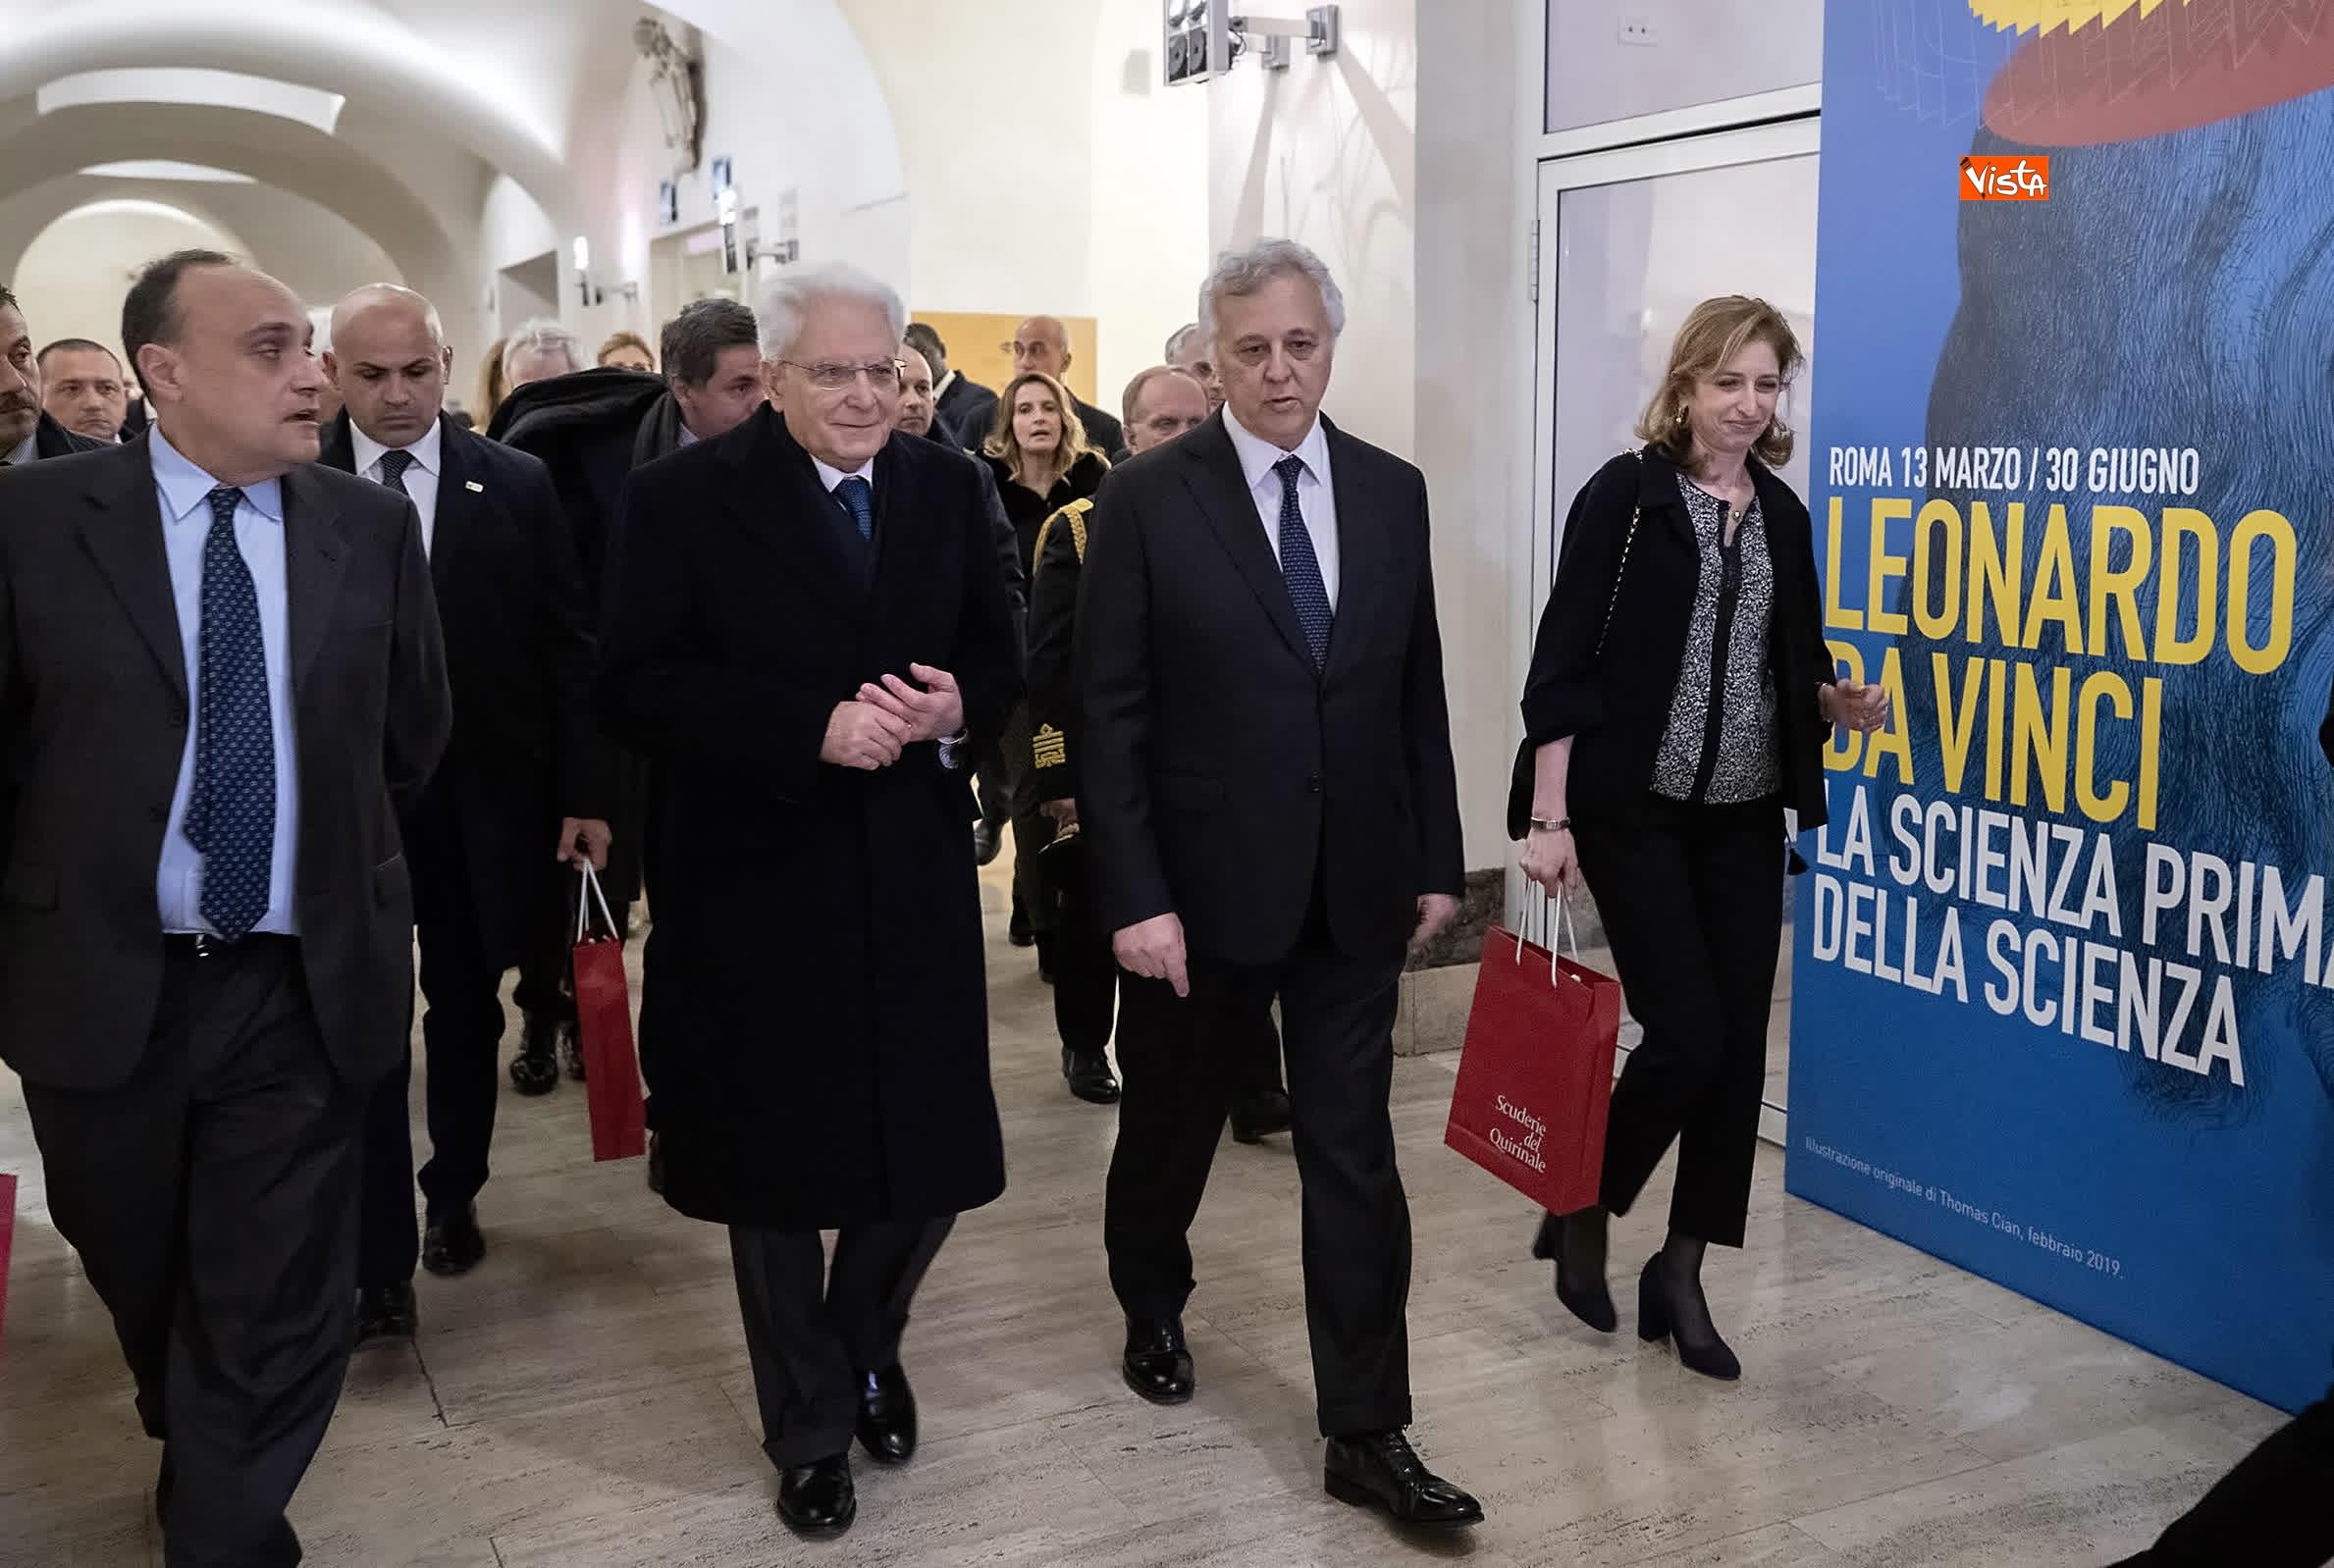 11-03-19 Mattarella a inaugurazione della mostra Leonardo Da Vinci_07. La scienza prima della scienza